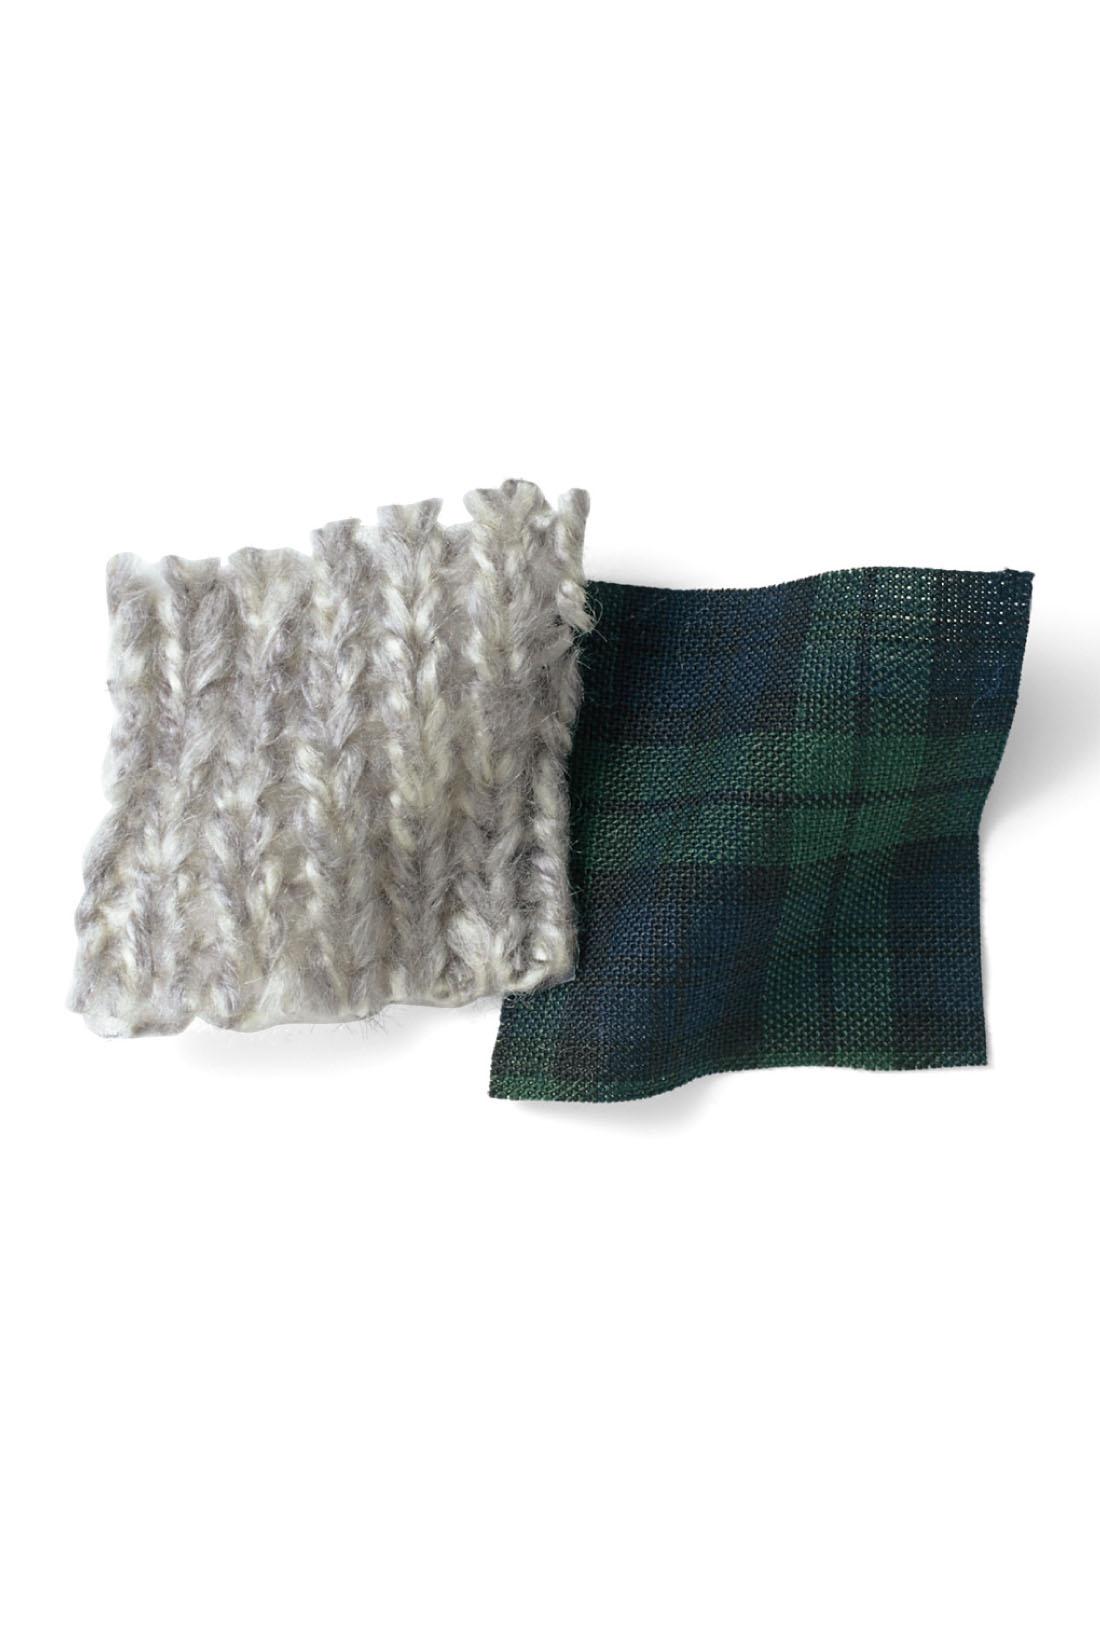 身ごろはすっきりとした天じく編み。ミックス糸だからこその表情が魅力。 ※お届けするカラーとは異なります。